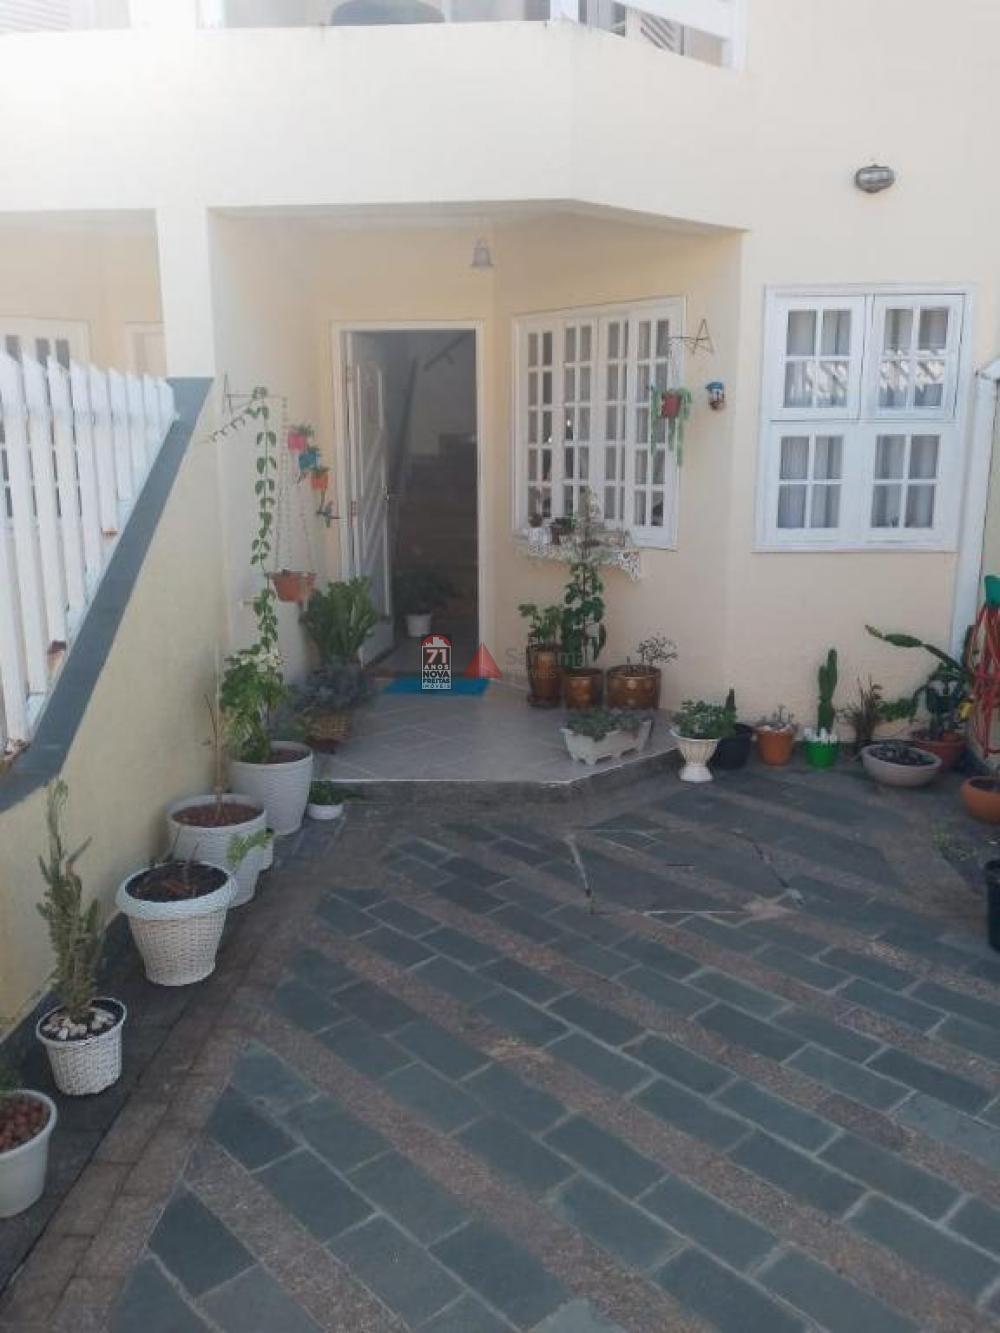 Comprar Casa / Sobrado em Caraguatatuba apenas R$ 350.000,00 - Foto 2